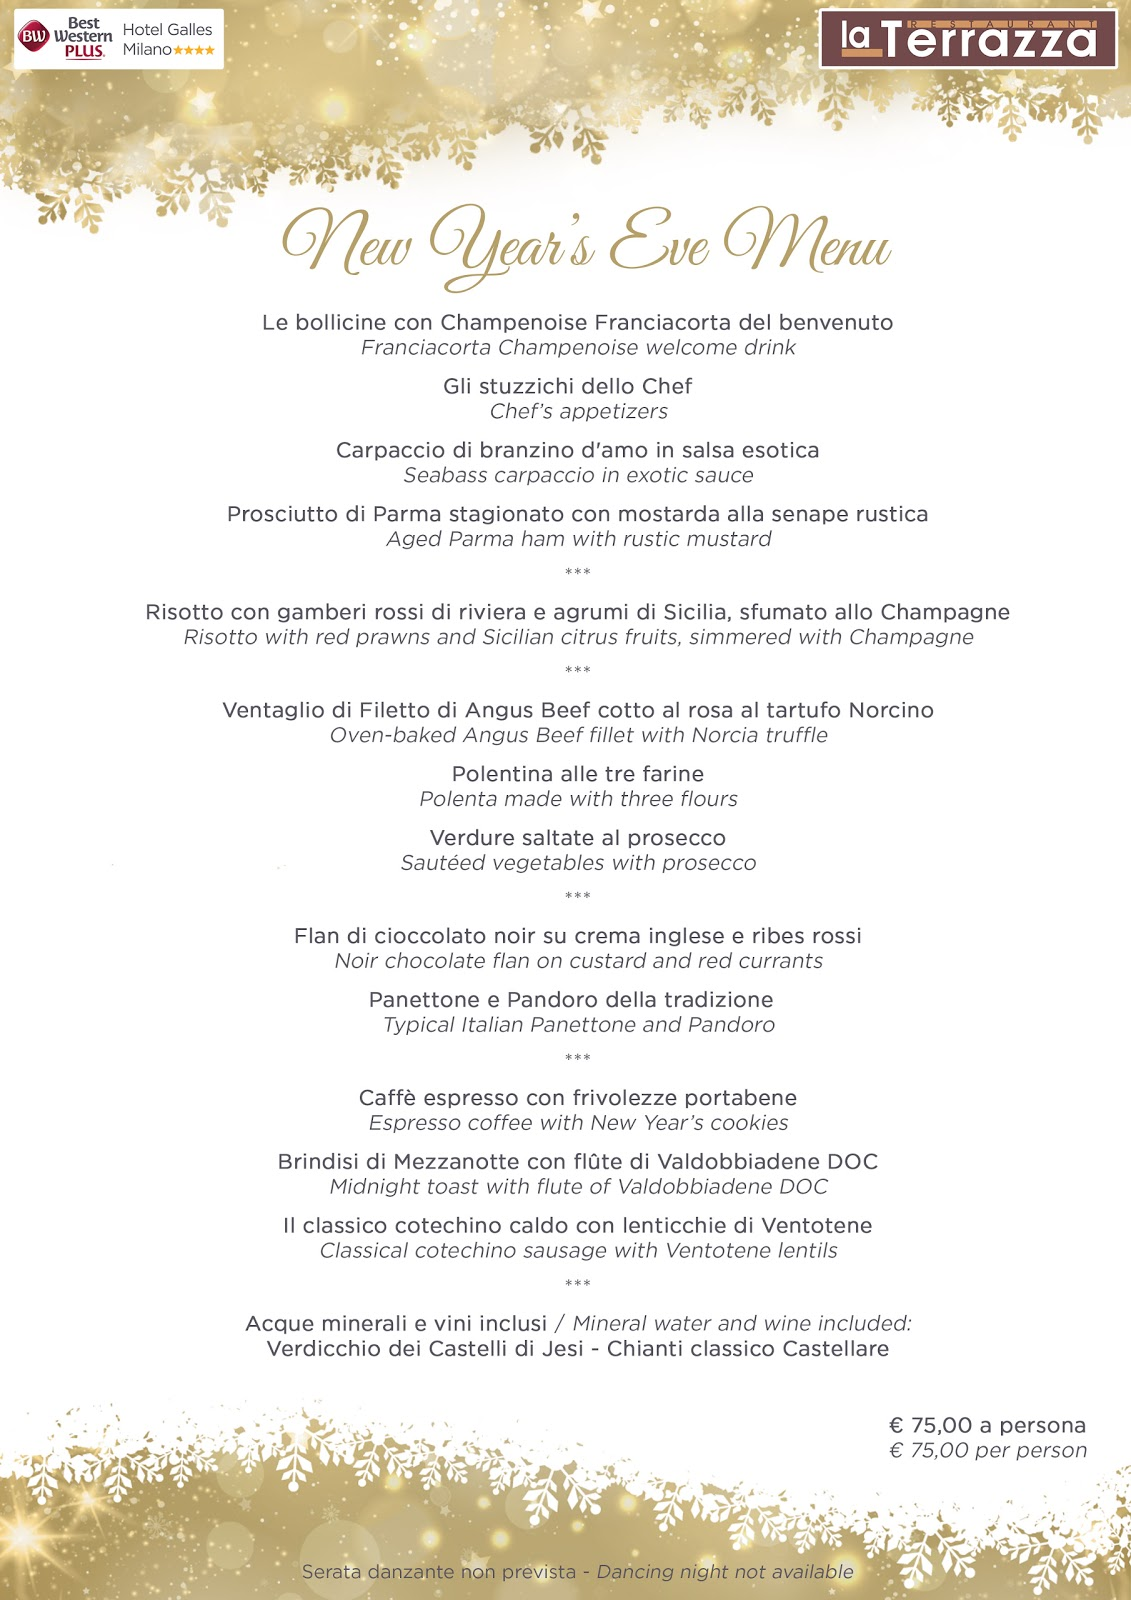 Best Western Plus Hotel Galles Milano: Pranzo e Cena al Ristorante ...